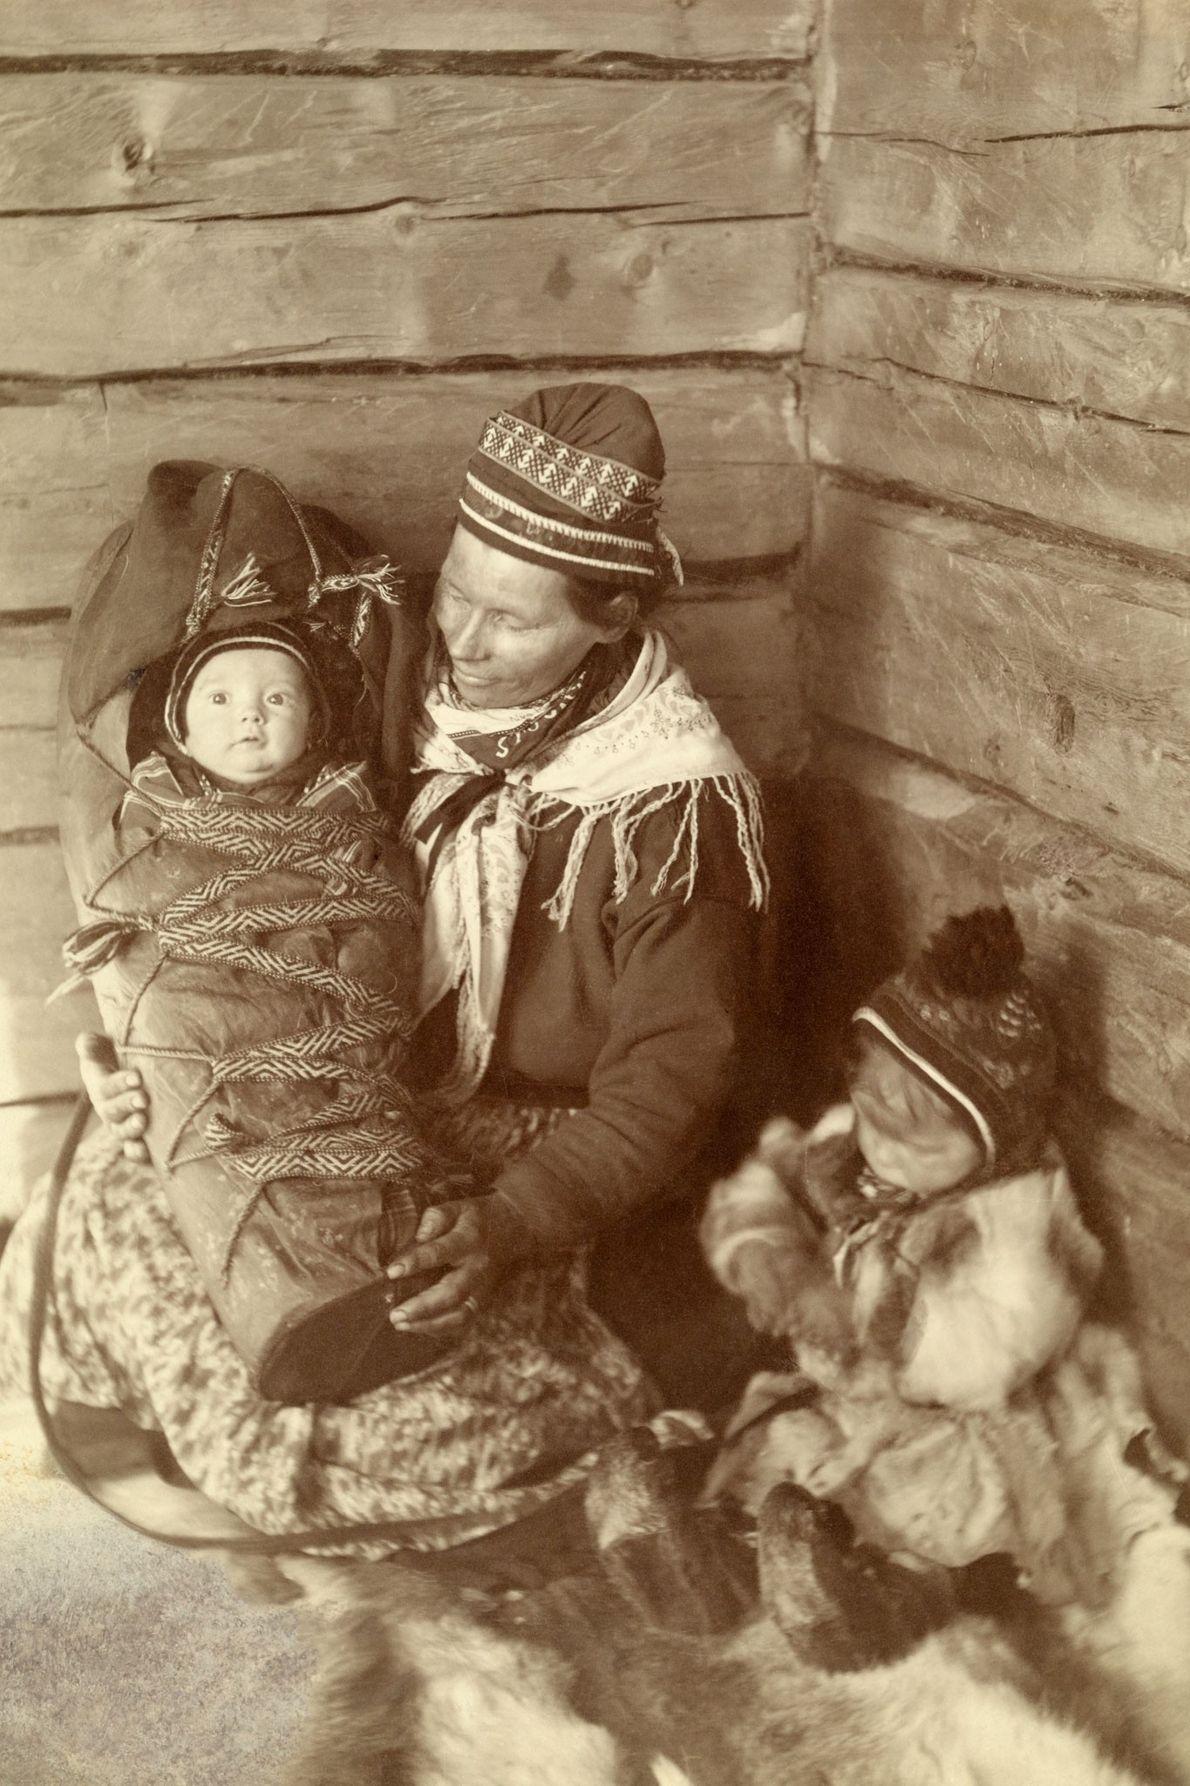 Uma mulher da Lapônia, bebê e criança na Lapônia, Finlândia, sentados nas peles que forram seu ...